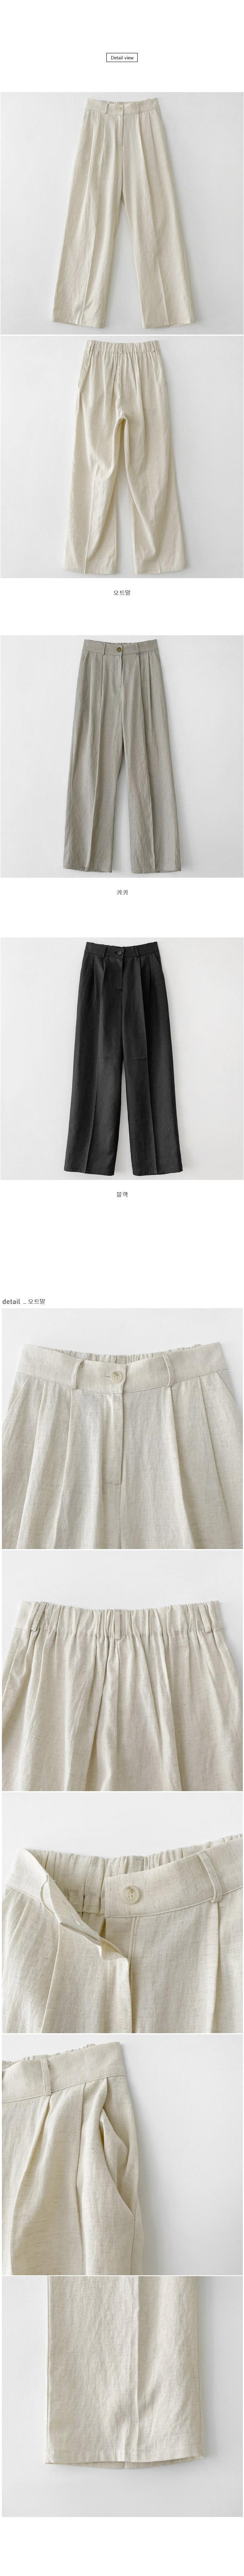 Twill Linen Pintuck Wide Pants